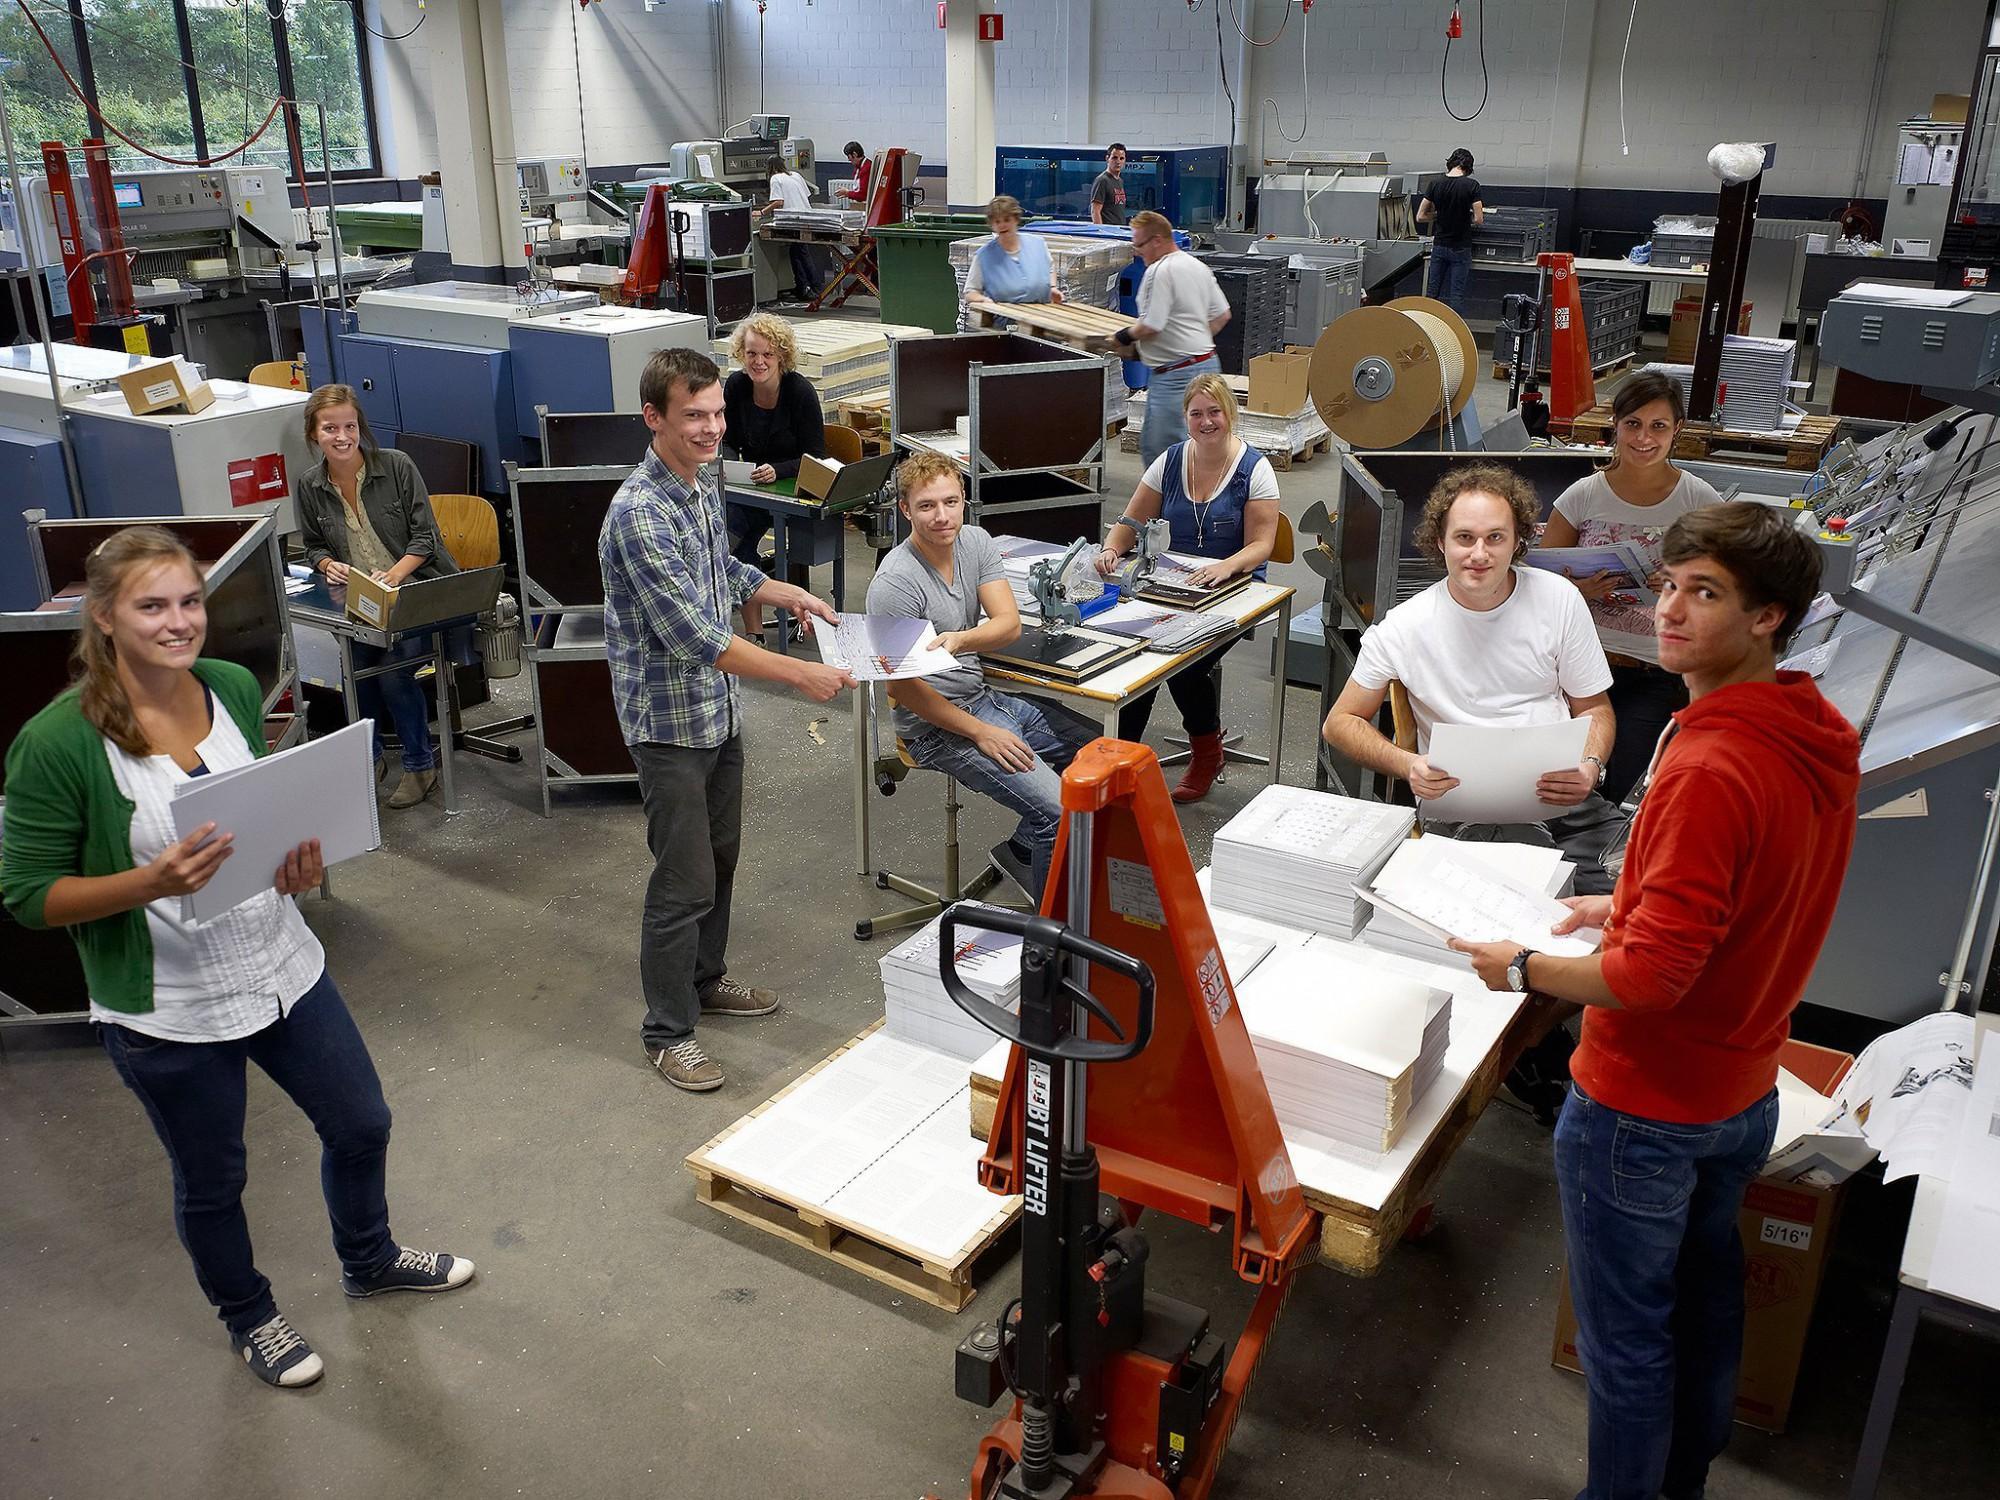 Afbeelding: Bedrijfsfotografie voor Amival Turnhout, jobstudenten aan het werk in het atelier.